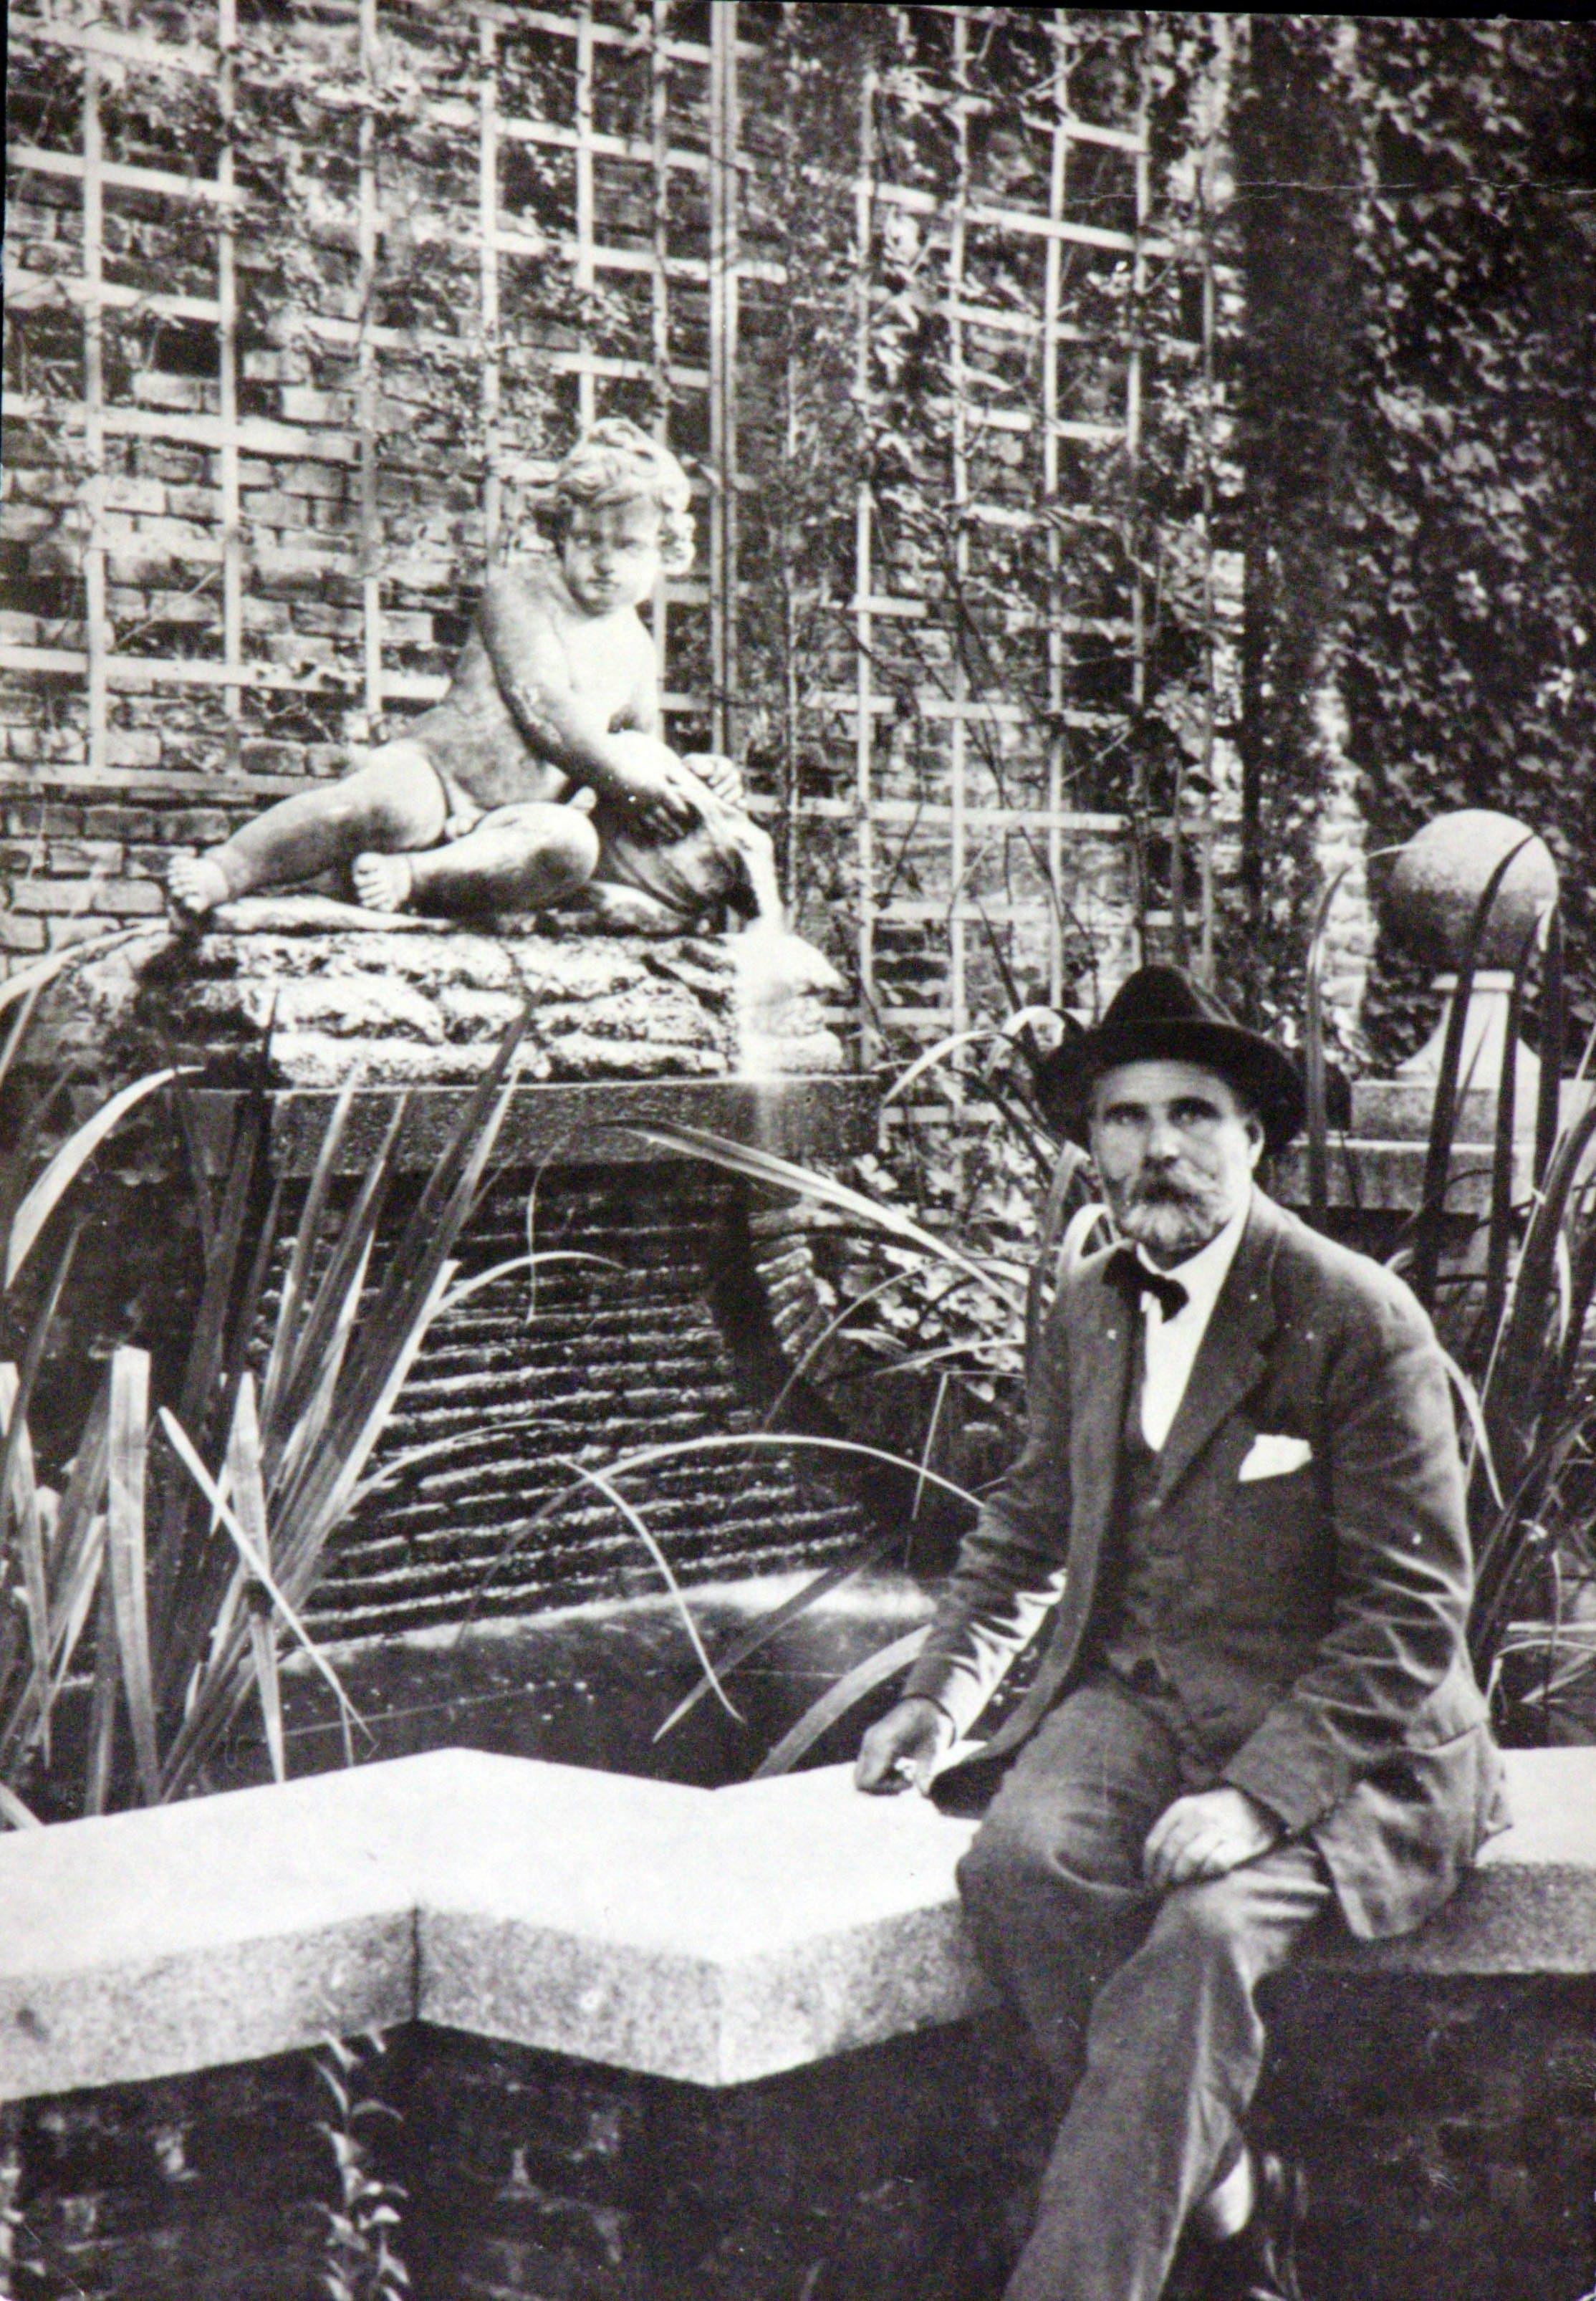 Fotografía de Javier de Winthuysen en los jardines de la Moncloa. Archivo.